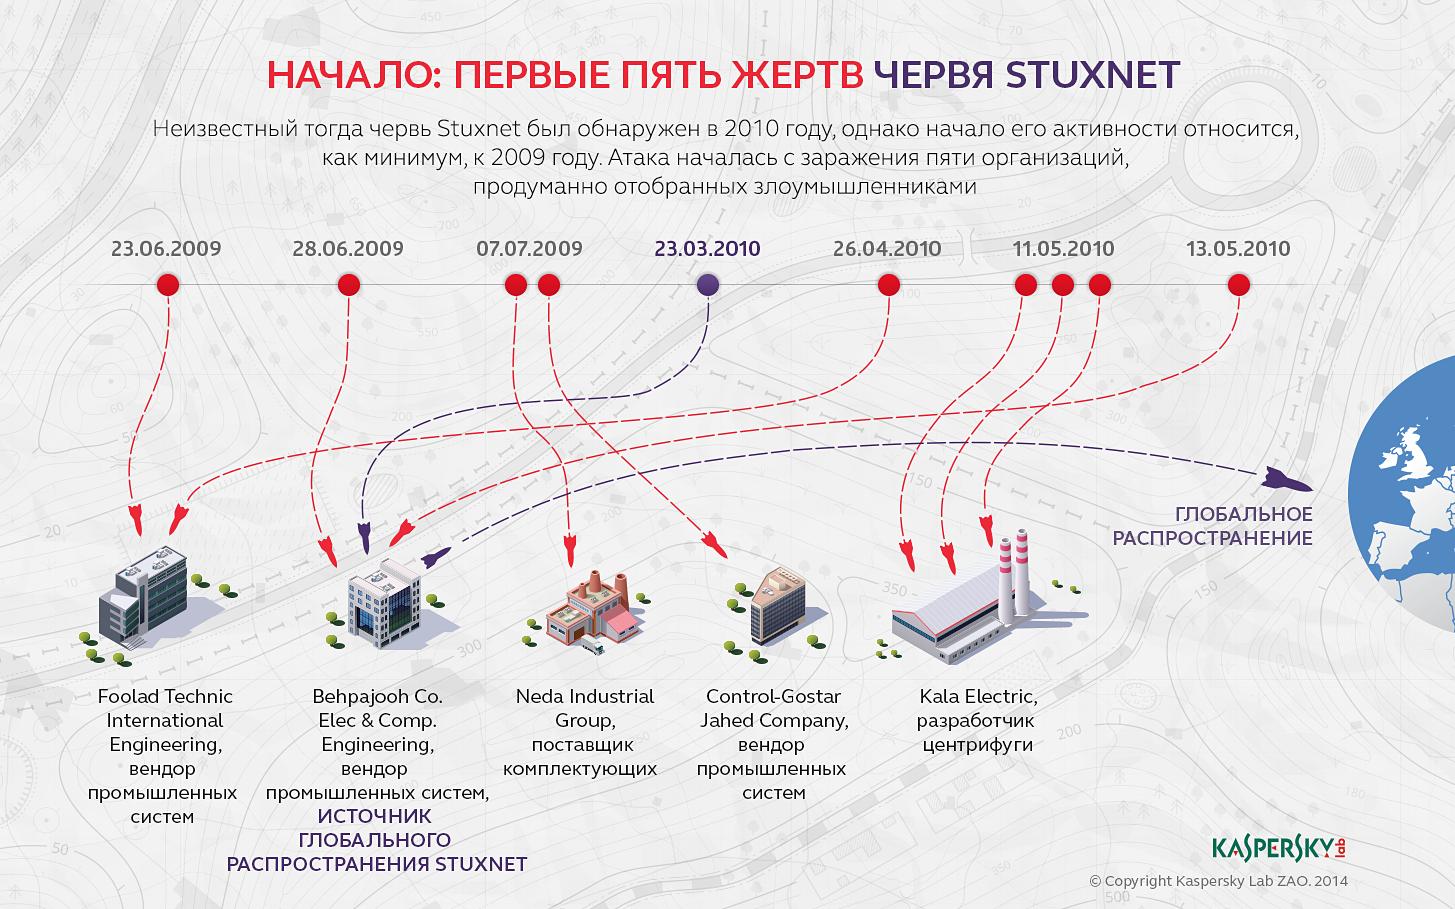 Stuxnet в деталях: